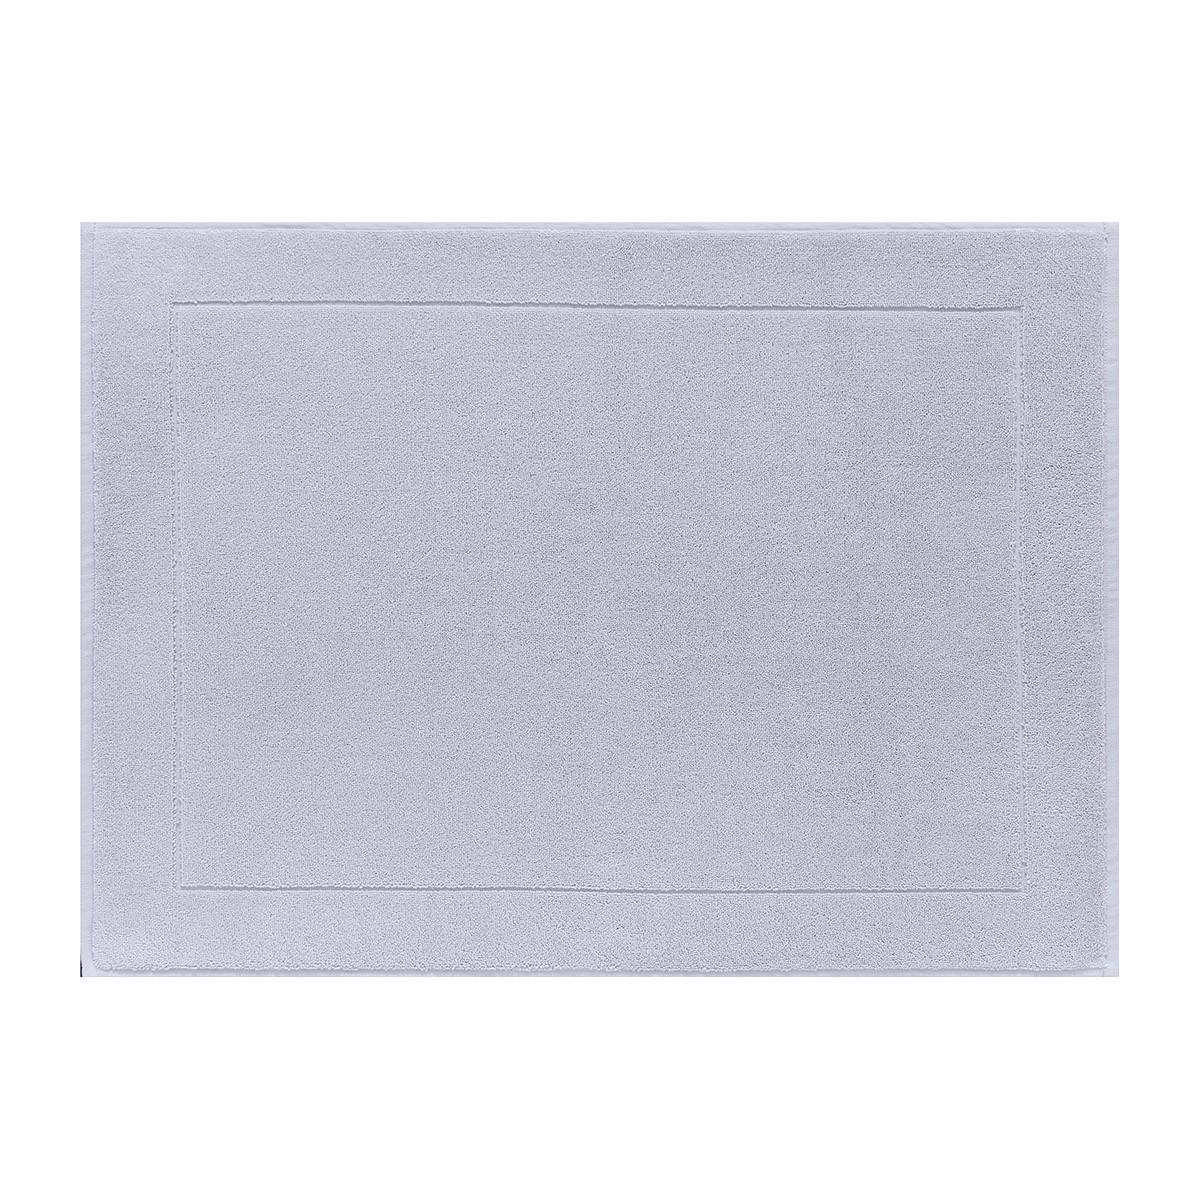 Tapis de bain en coton voile grisé 60 x 80